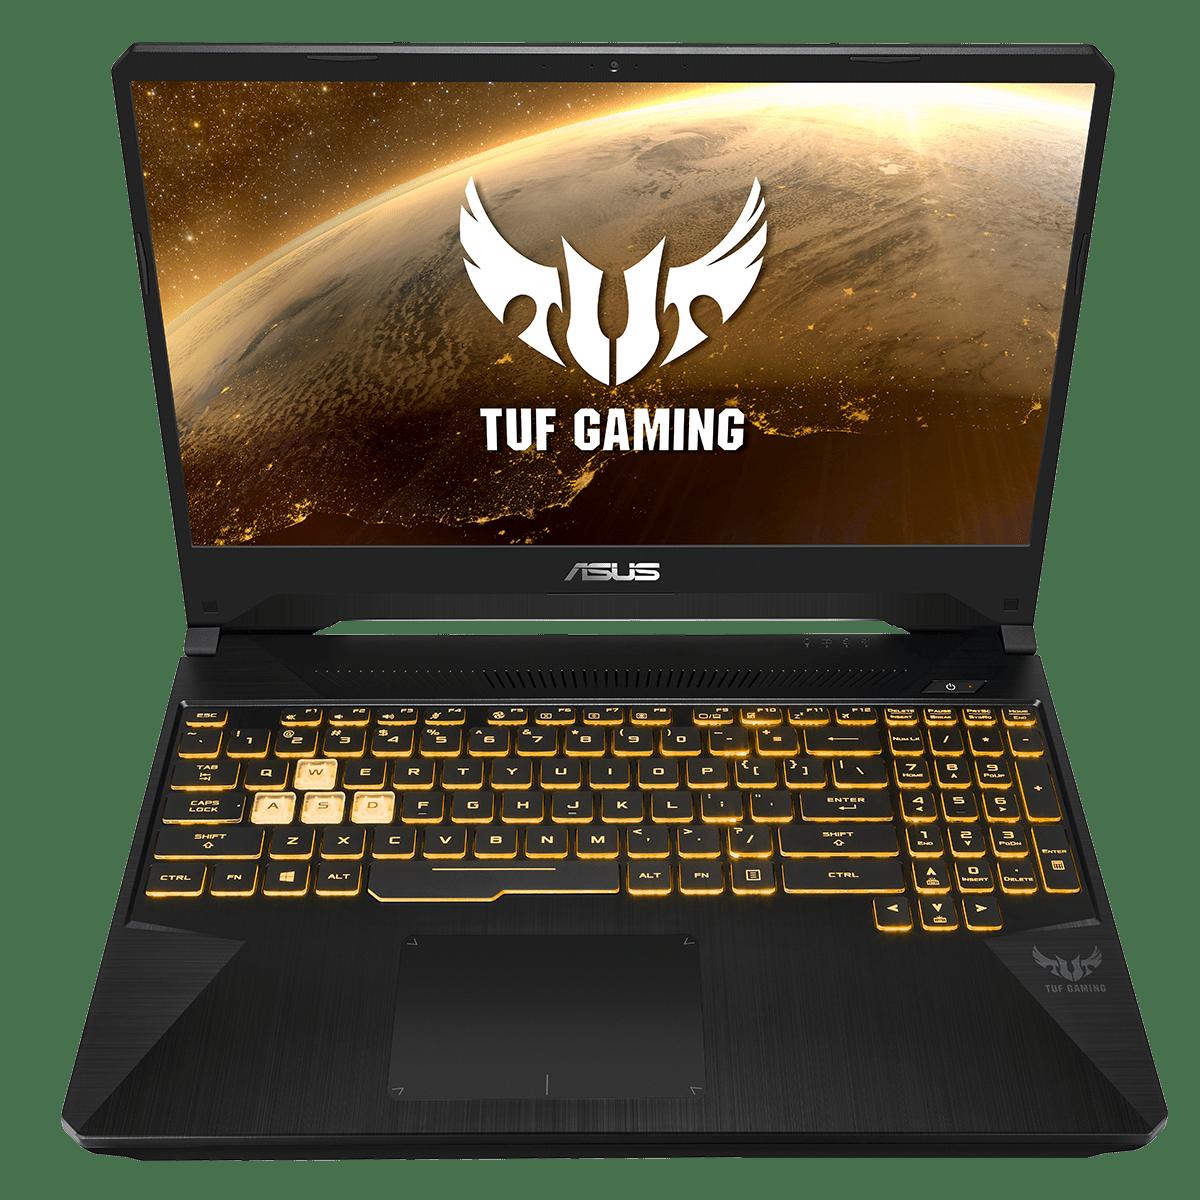 ASUS TUF505DU-EB74 Gaming Laptop